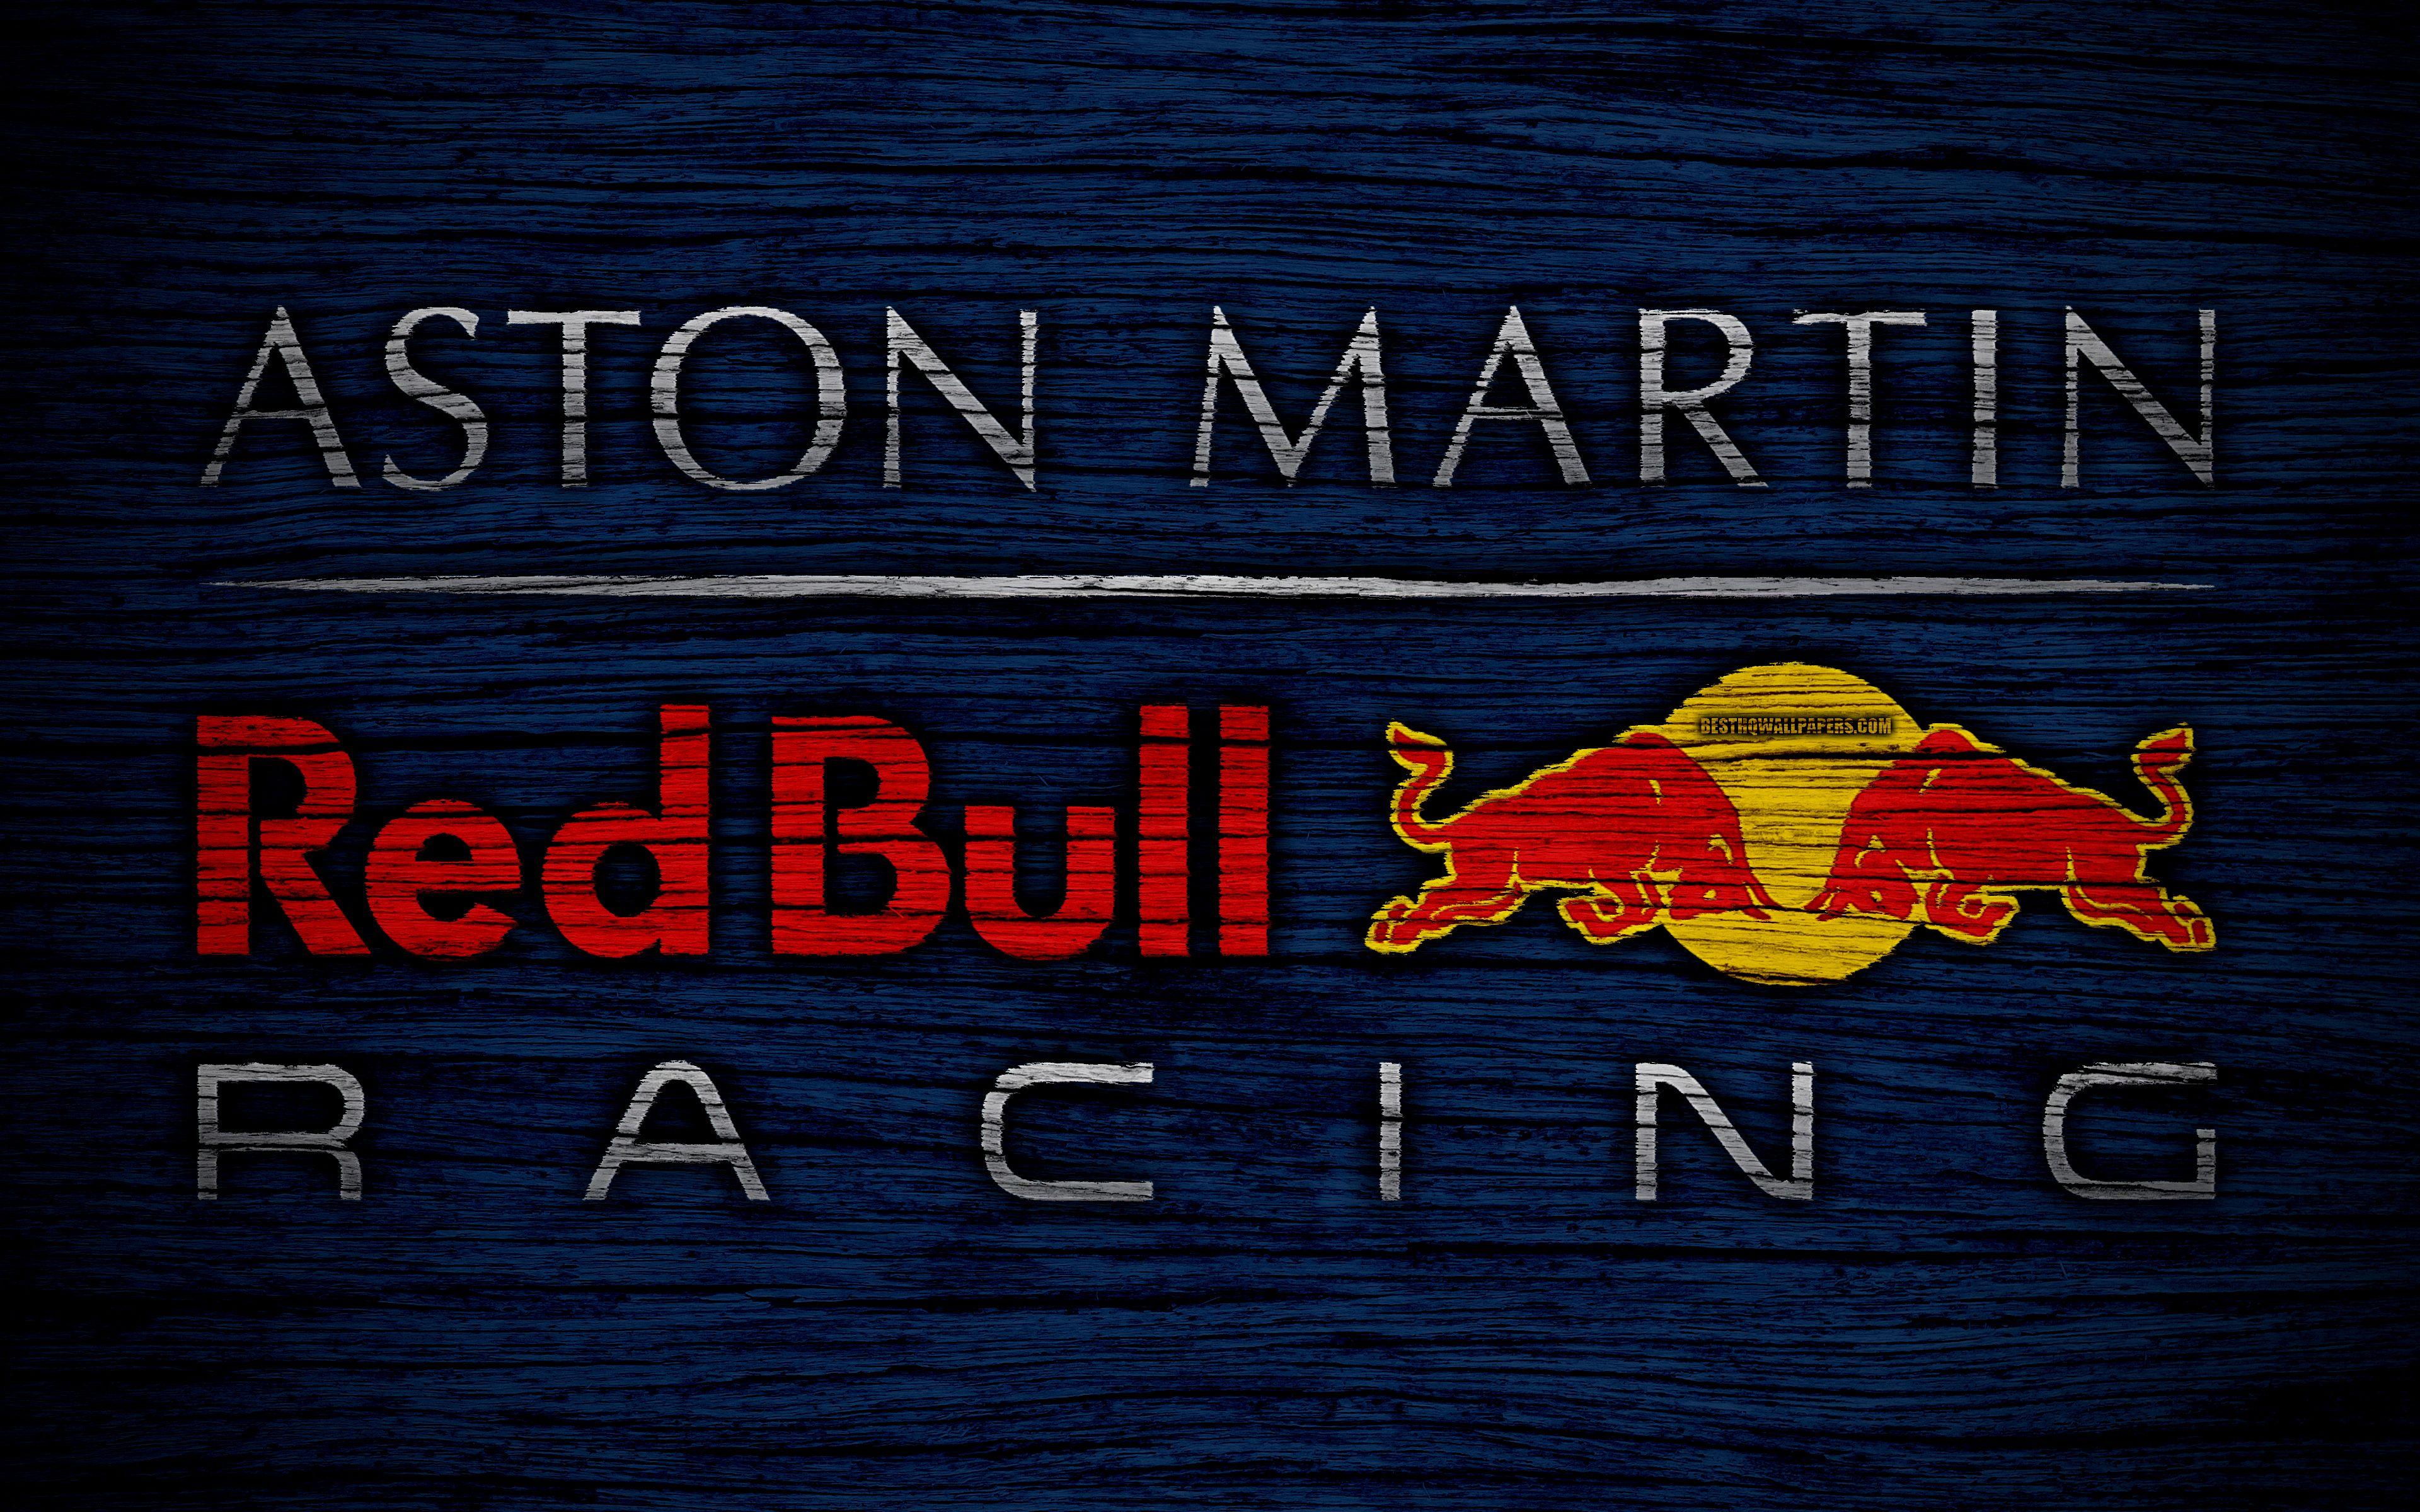 Red Bull Racing Logo Wallpapers Wallpaper Cave